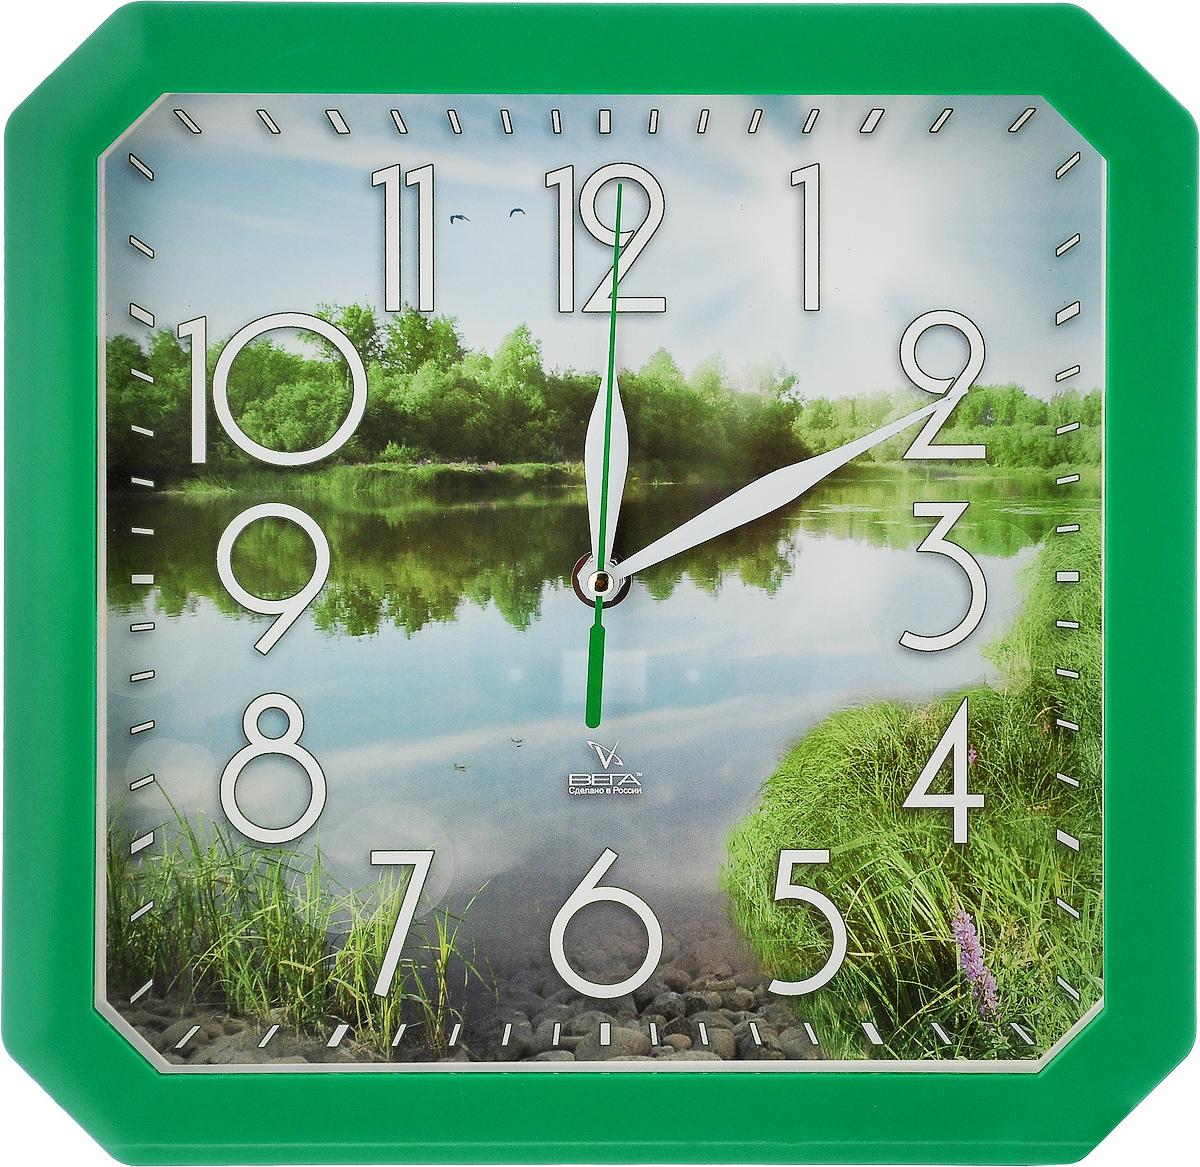 Часы настенные Вега Пейзаж, 27,5 х 27,5 х 3,3 см54 009305Настенные кварцевые часы Вега Пейзаж, изготовленные из пластика, прекрасно впишутся в интерьер вашего дома. Часы имеют три стрелки: часовую, минутную и секундную, циферблат защищен прозрачным стеклом. Часы работают от 1 батарейки типа АА напряжением 1,5 В (не входит в комплект).Размер часов: 27,5 х 27,5 х 3,3 см.